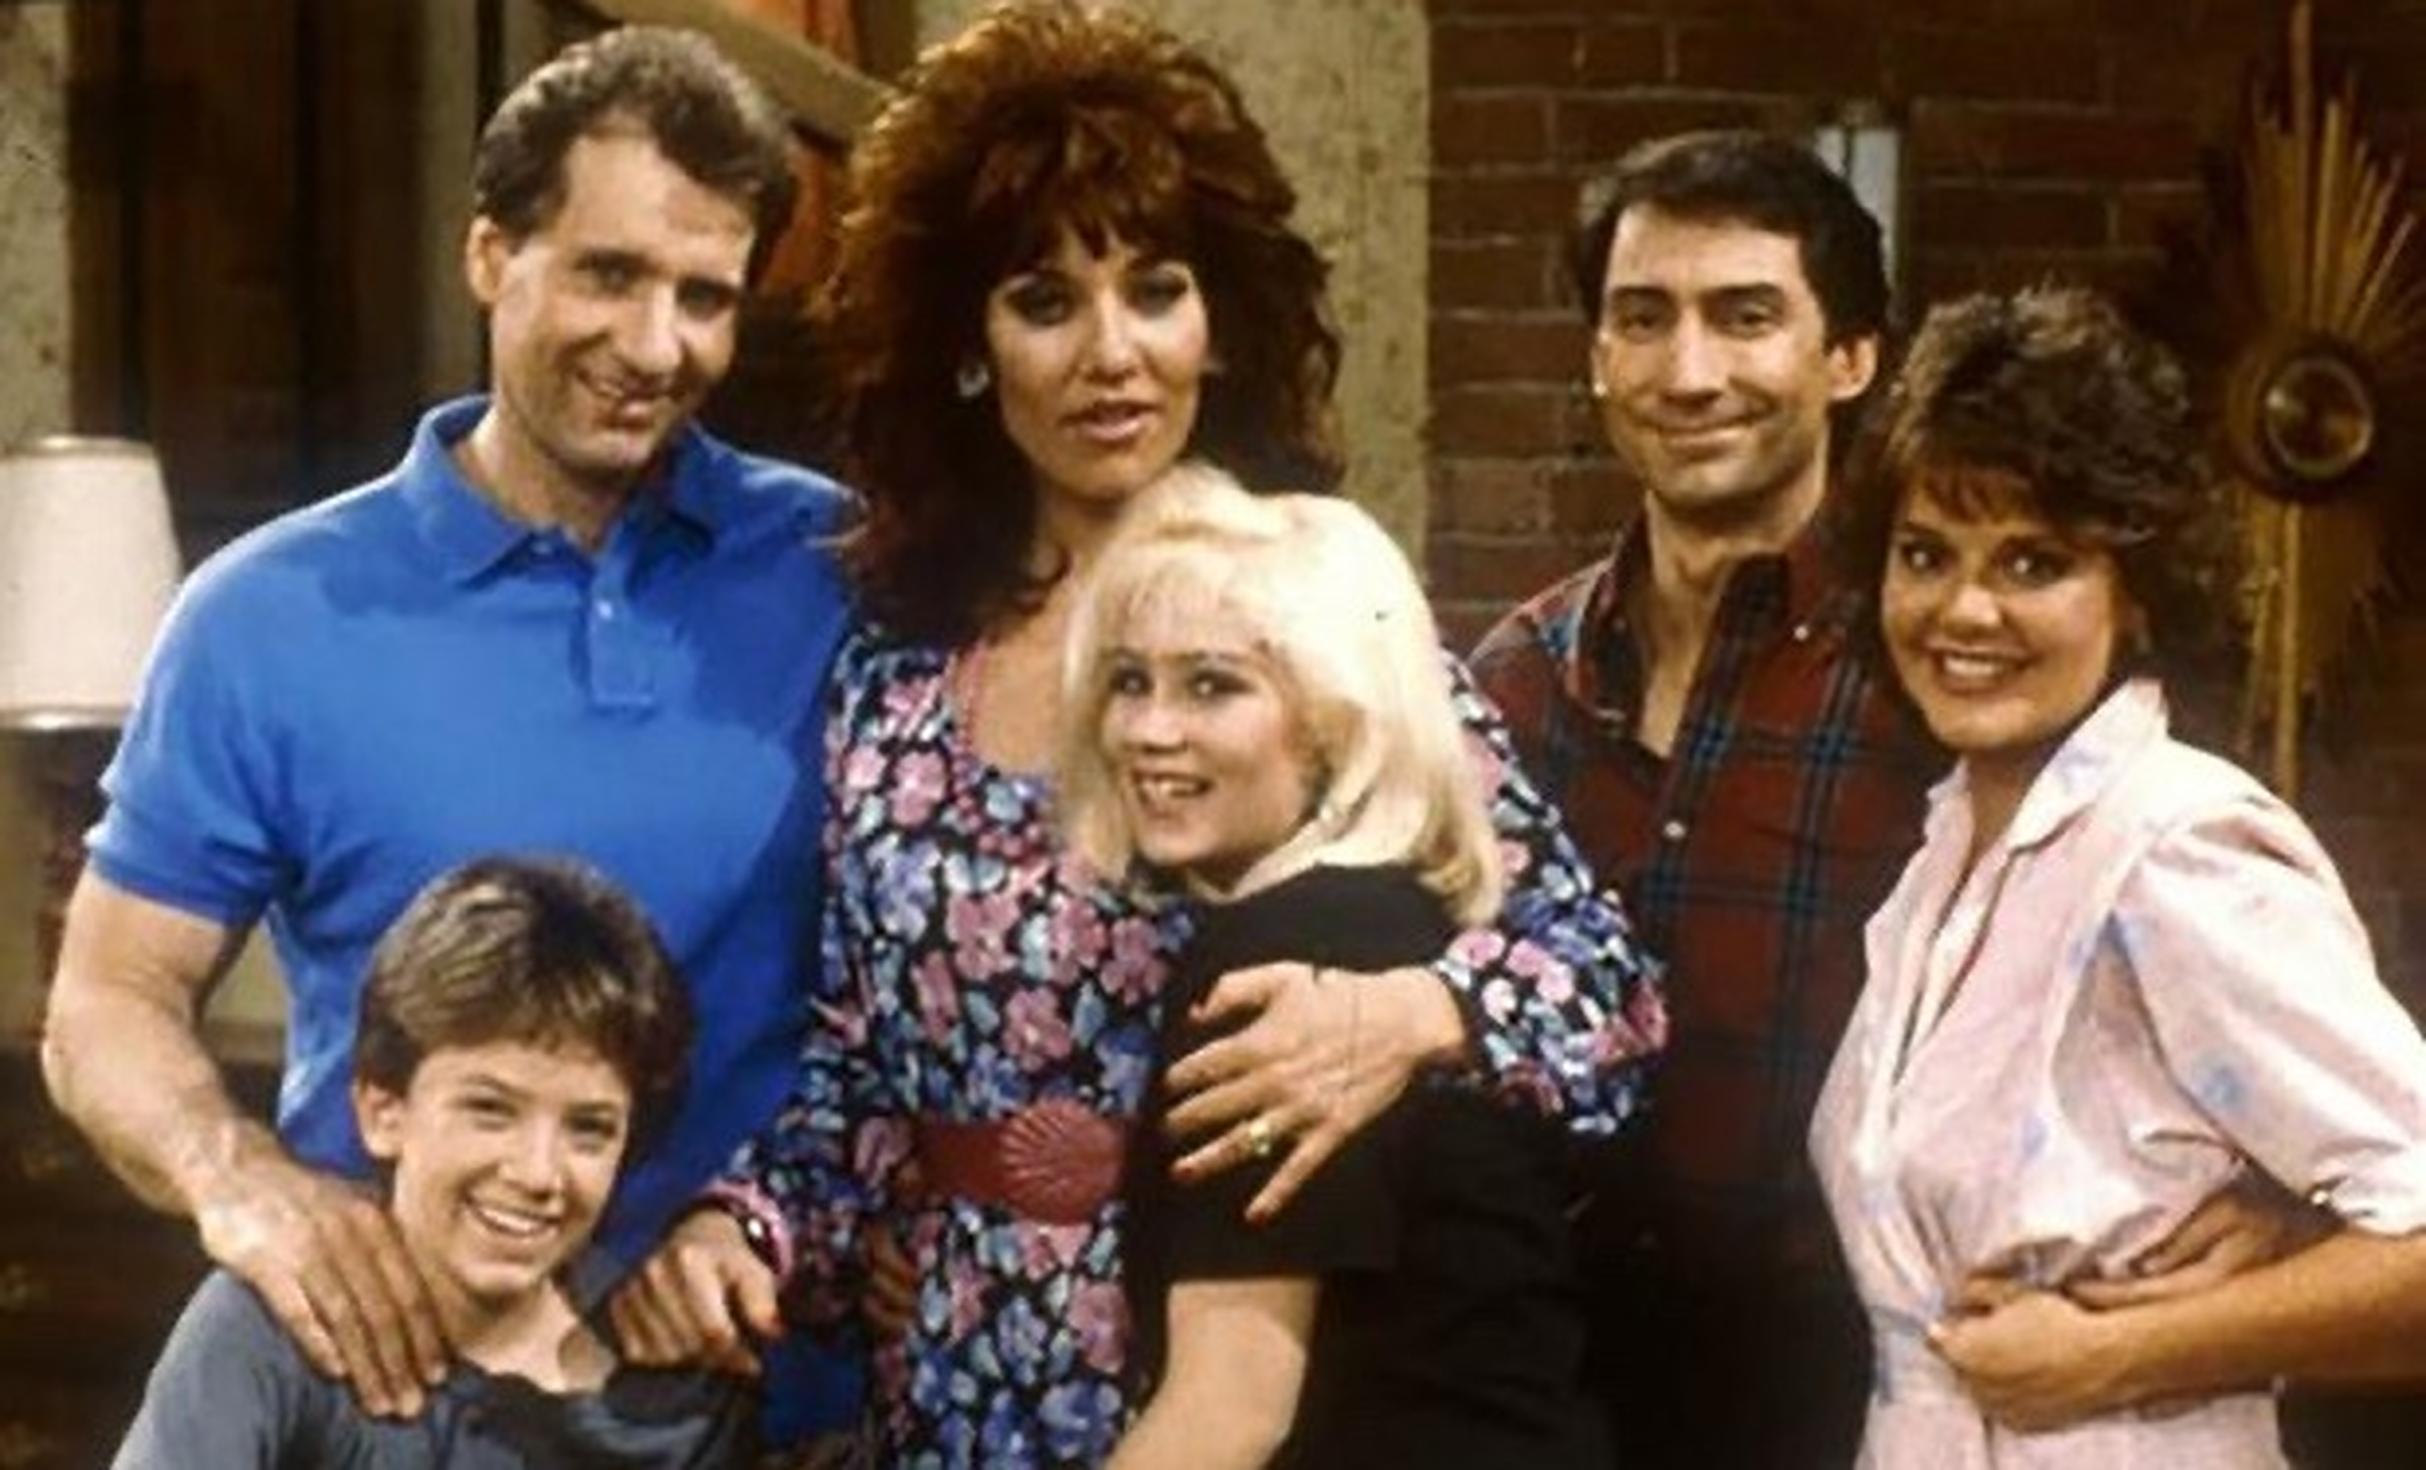 Familia Bundy  34 de ani de la difuzarea primului episod